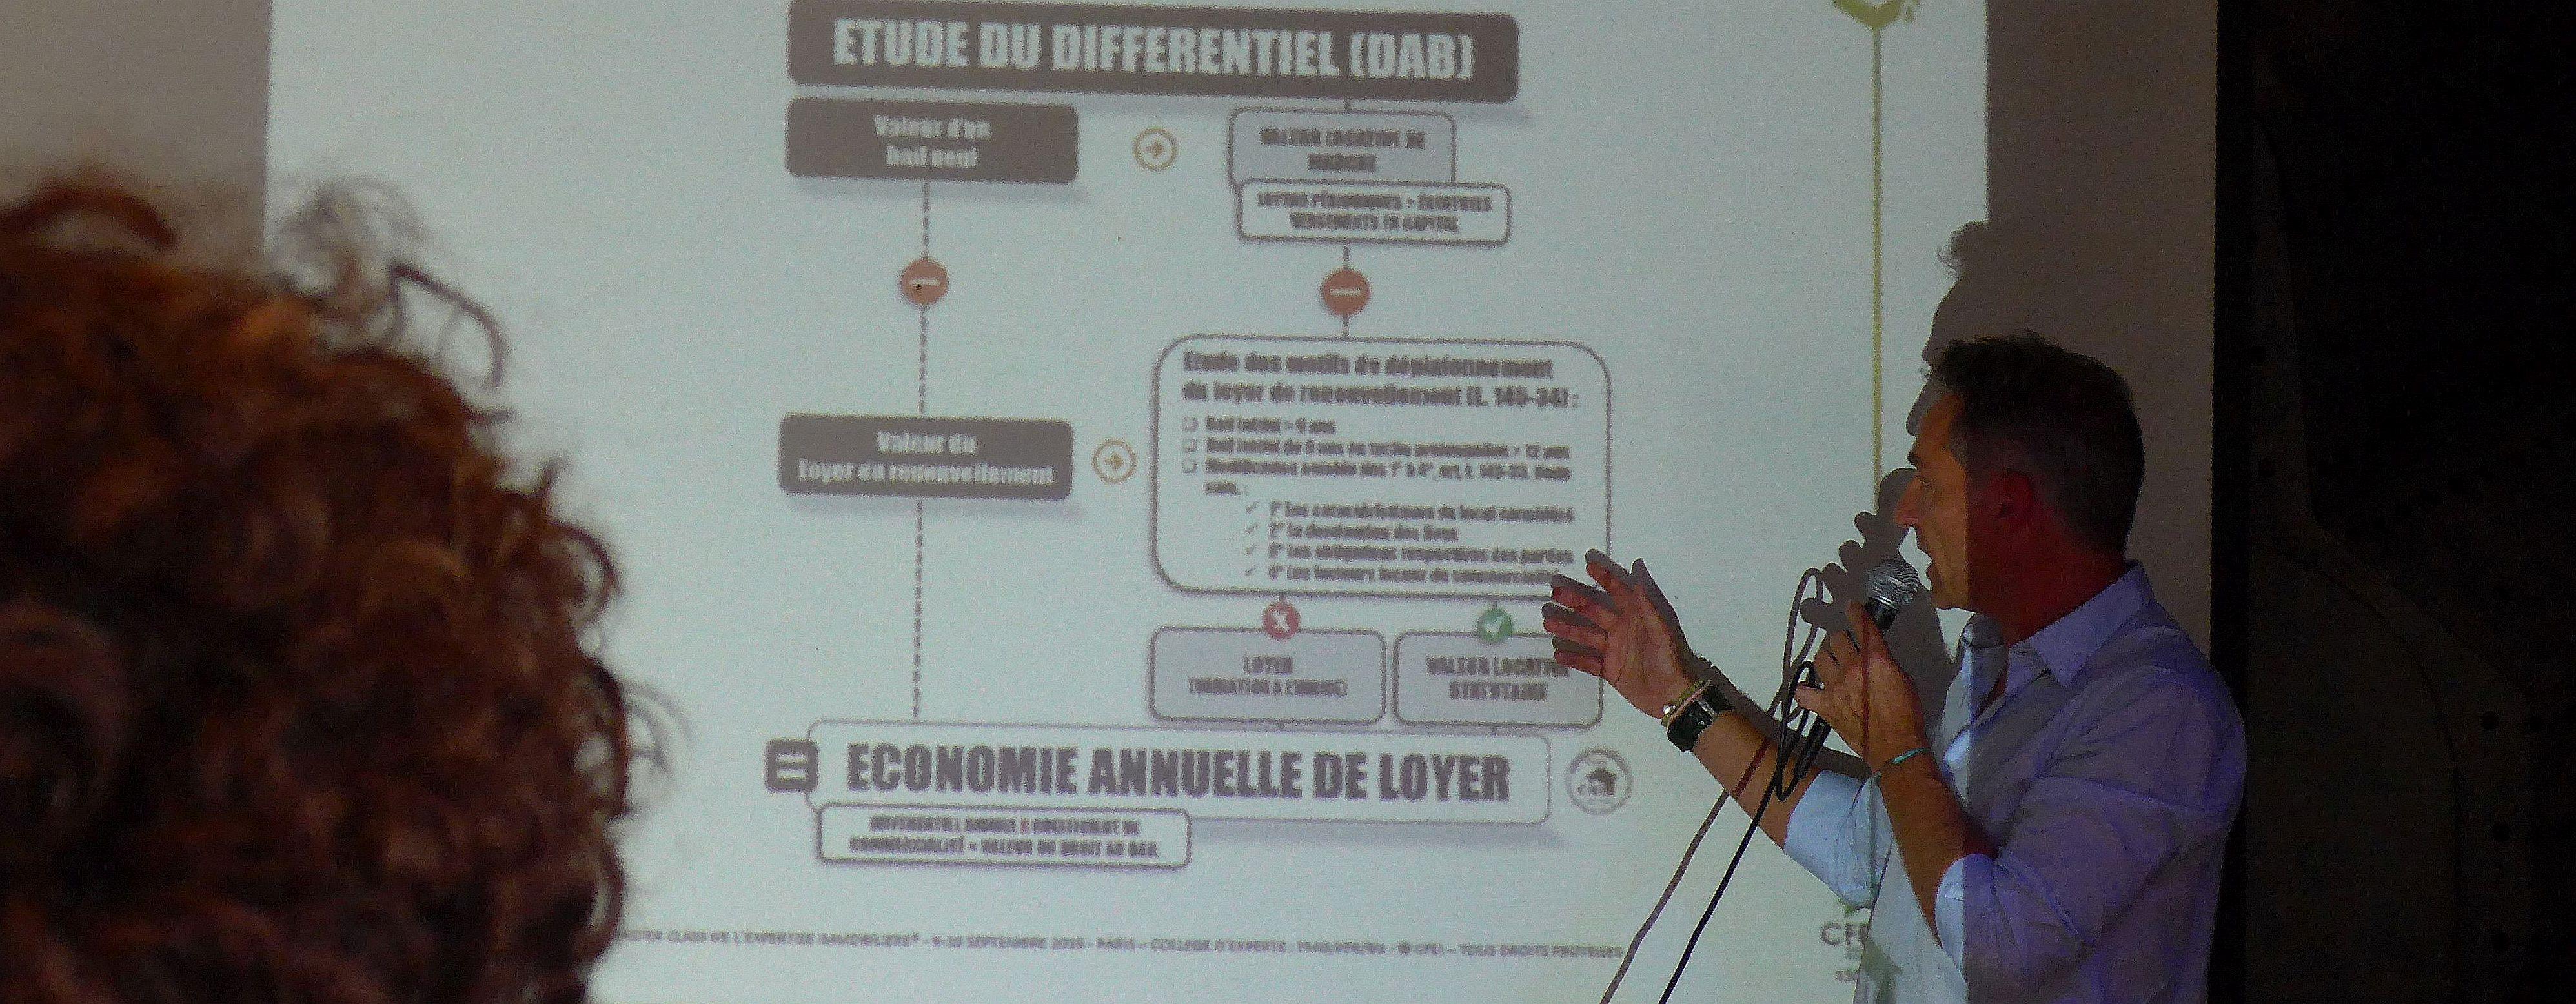 Phiippe FAVRE -REGUILLON, expert fondateur du Cabinet IFC EXPERTISE intervenait lors de la première Master class de l'expertise immobilière dédiée à l'éviction commerciale, droit au bail et fonds de commerce, Paris les 9 & 10 septembre 2019